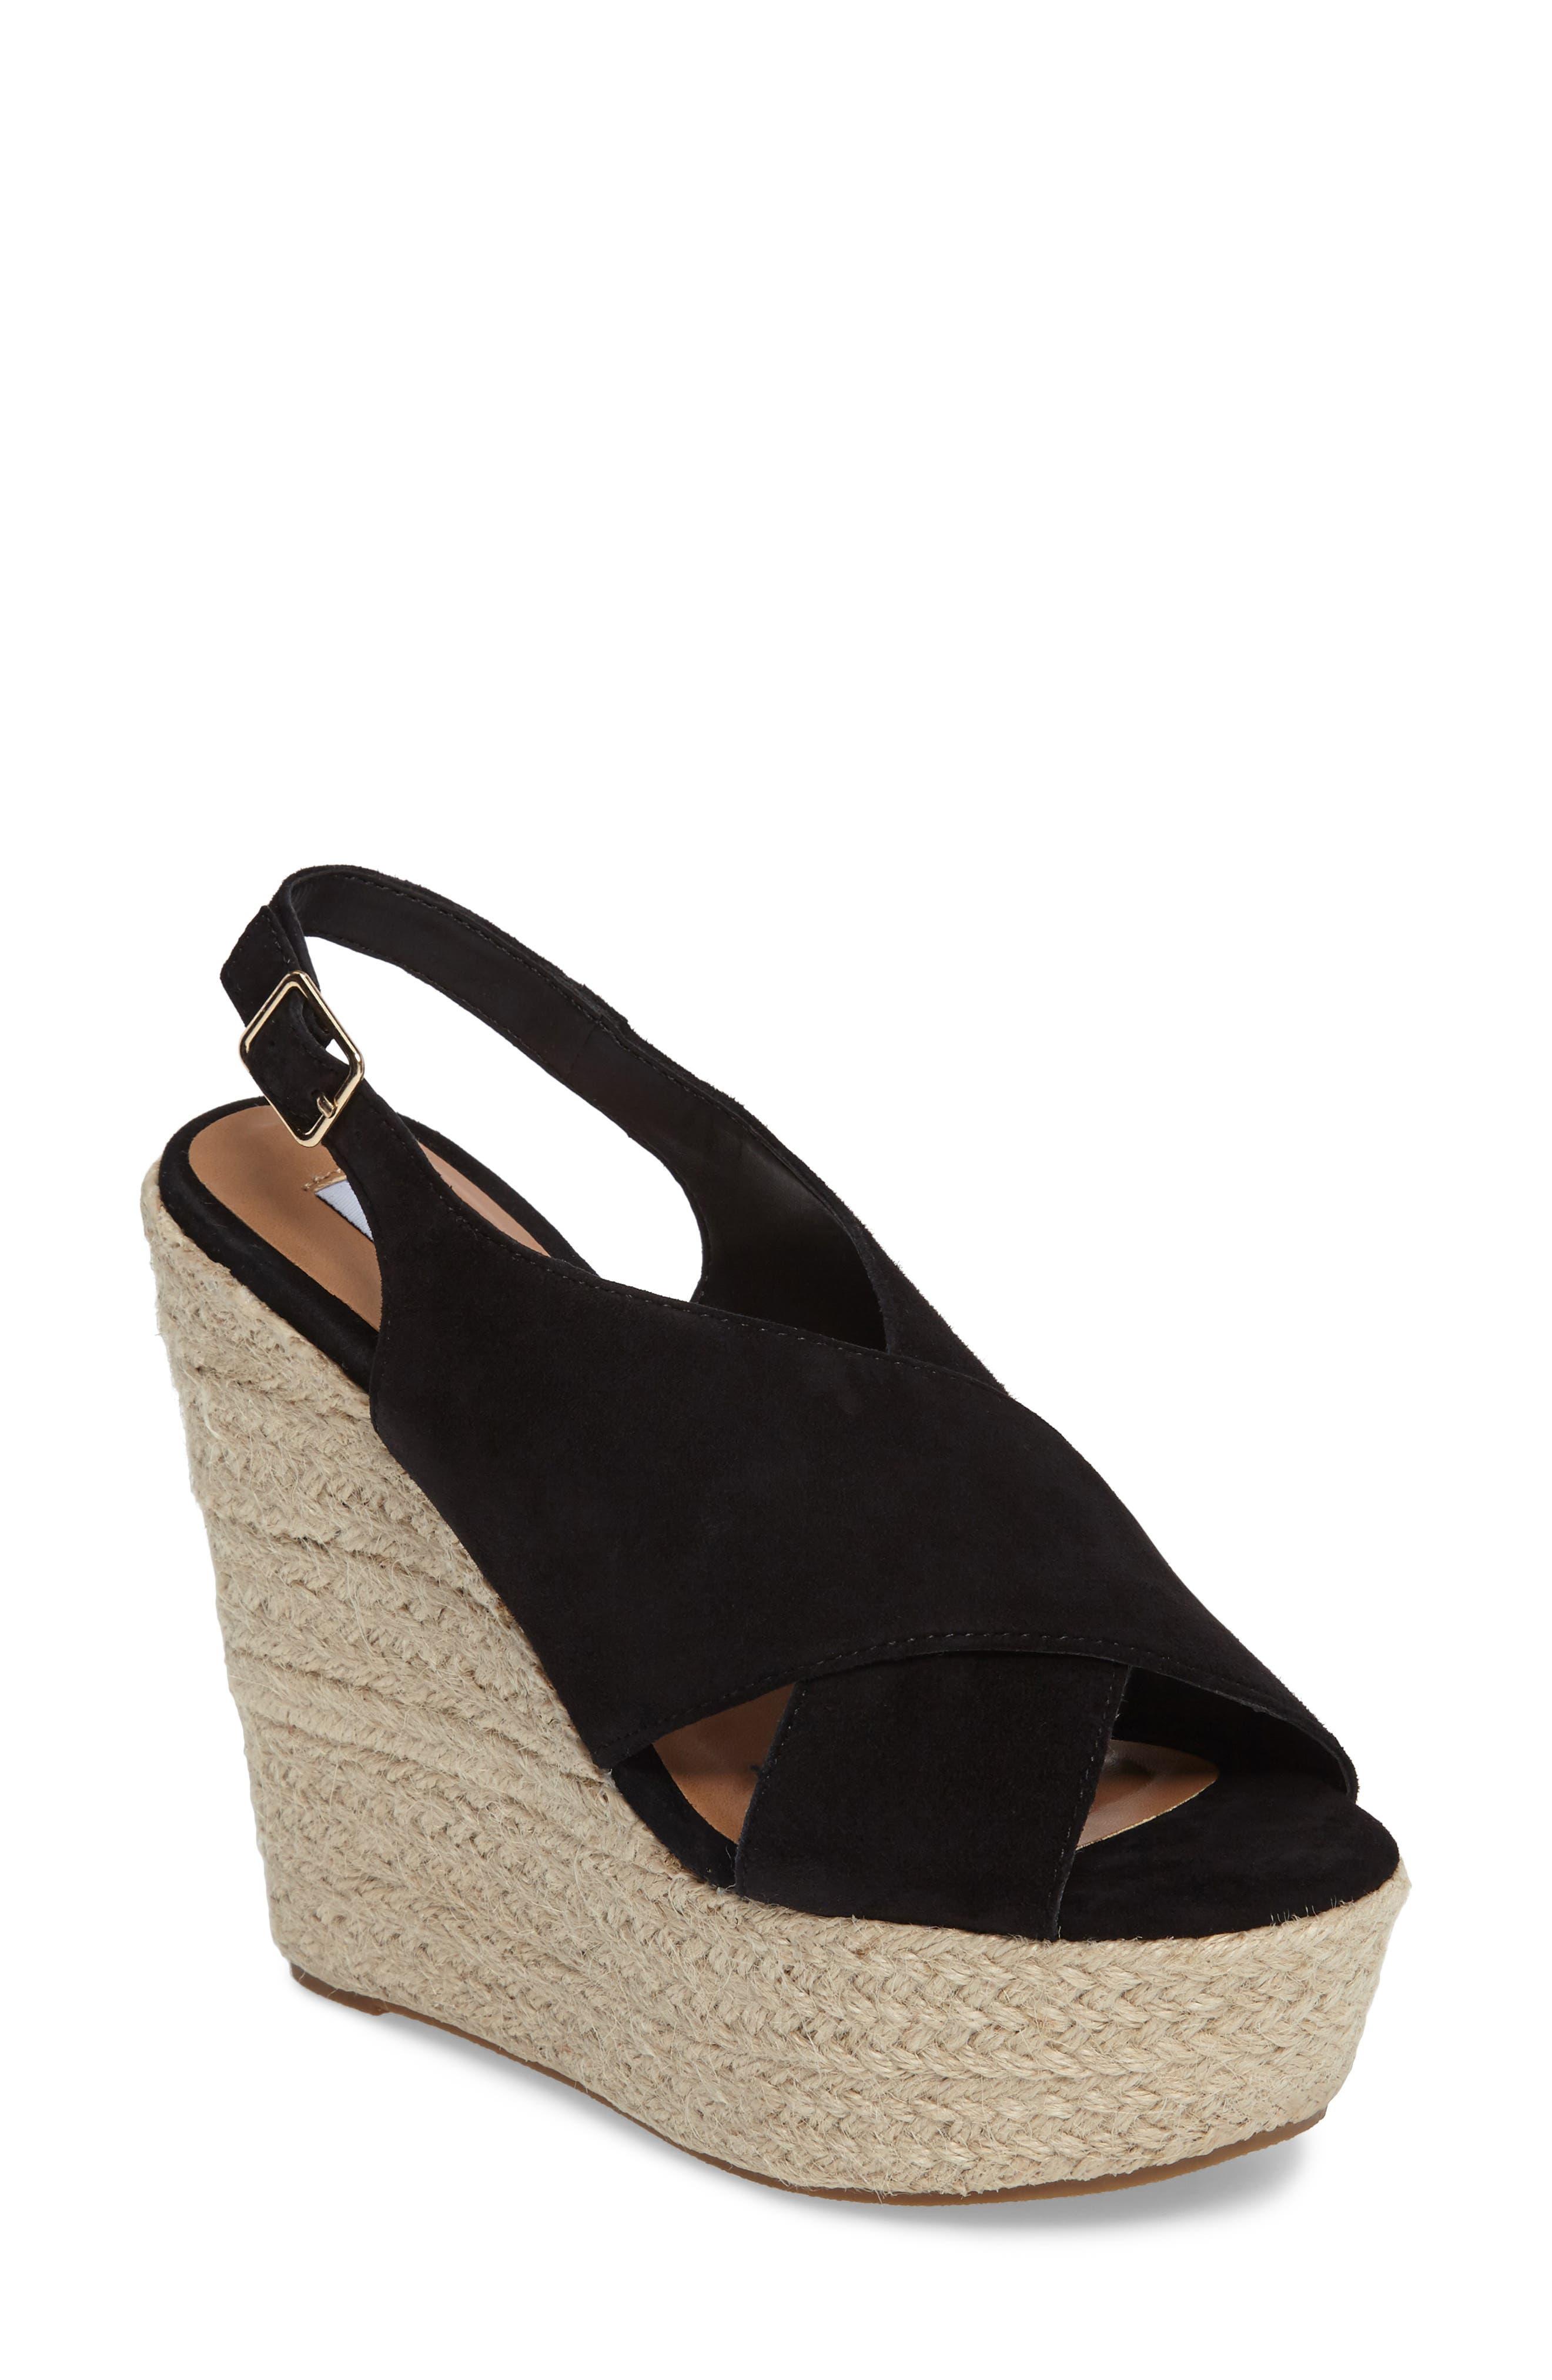 STEVE MADDEN Rayla Platform Wedge Sandal